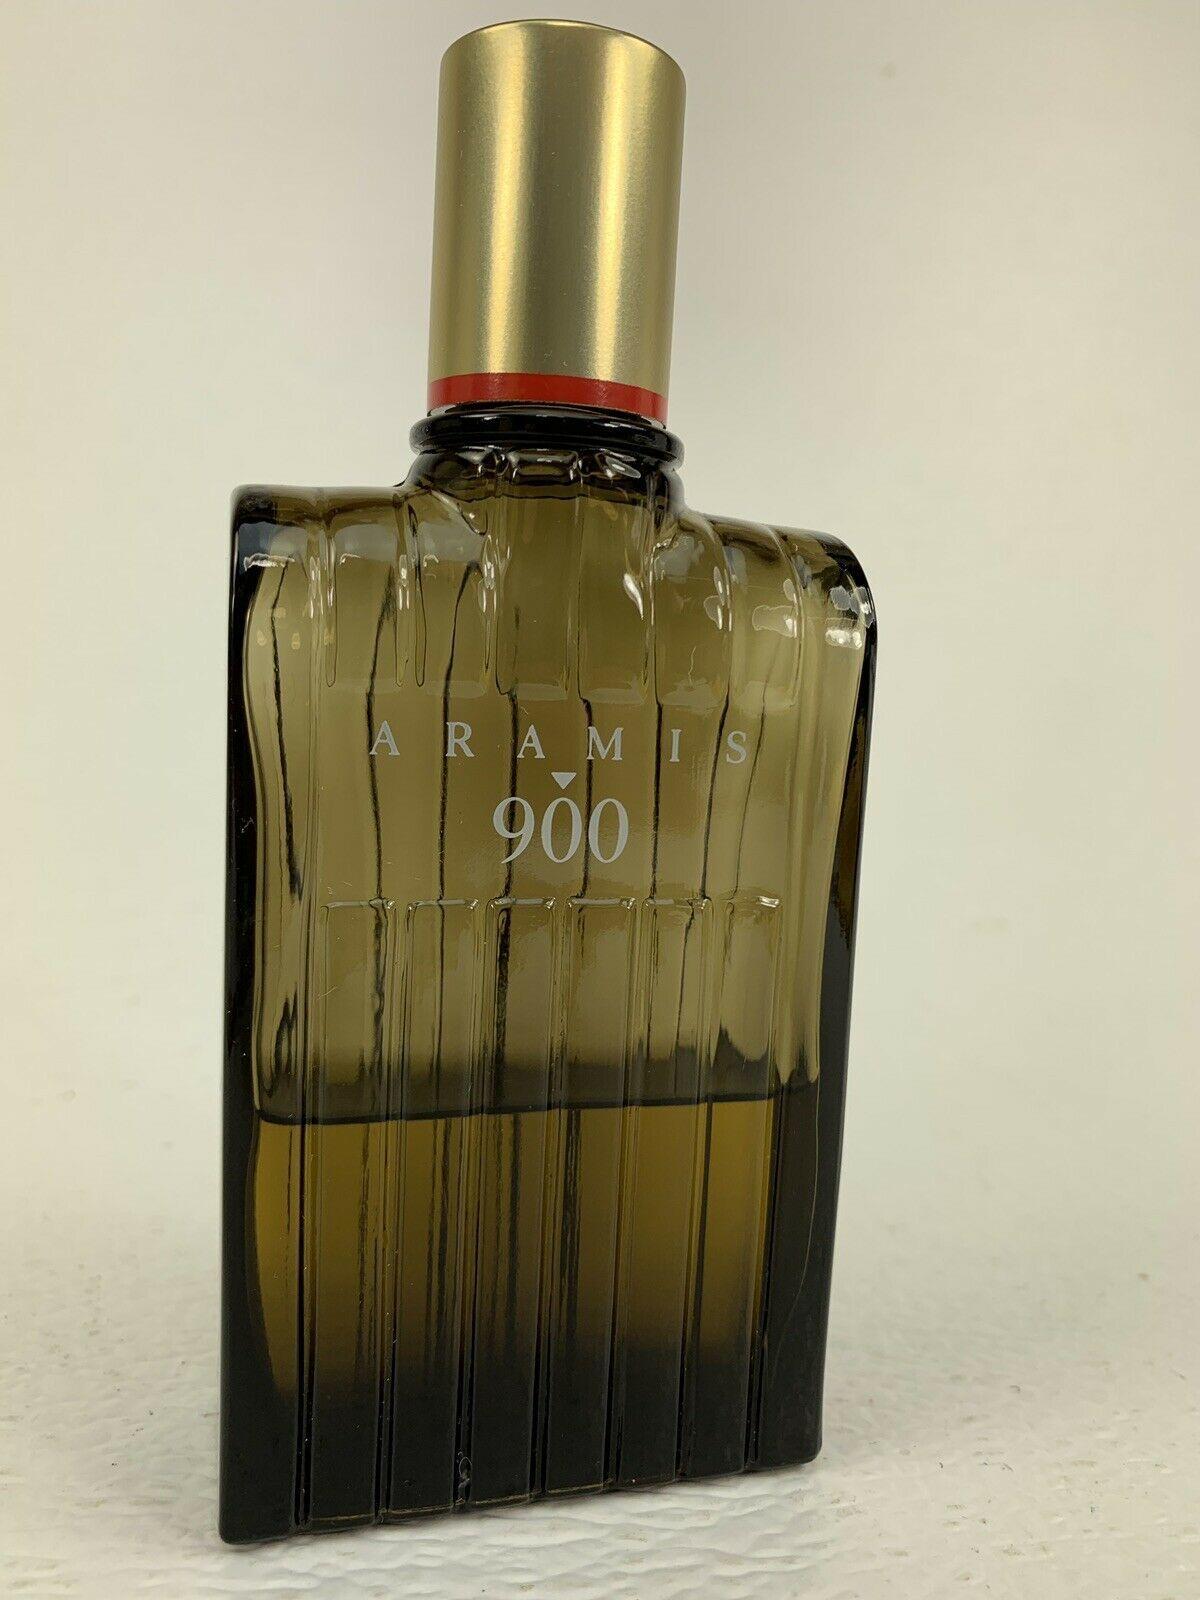 Aramis 900 3.4oz Men's After Shave Splash 30% FULL